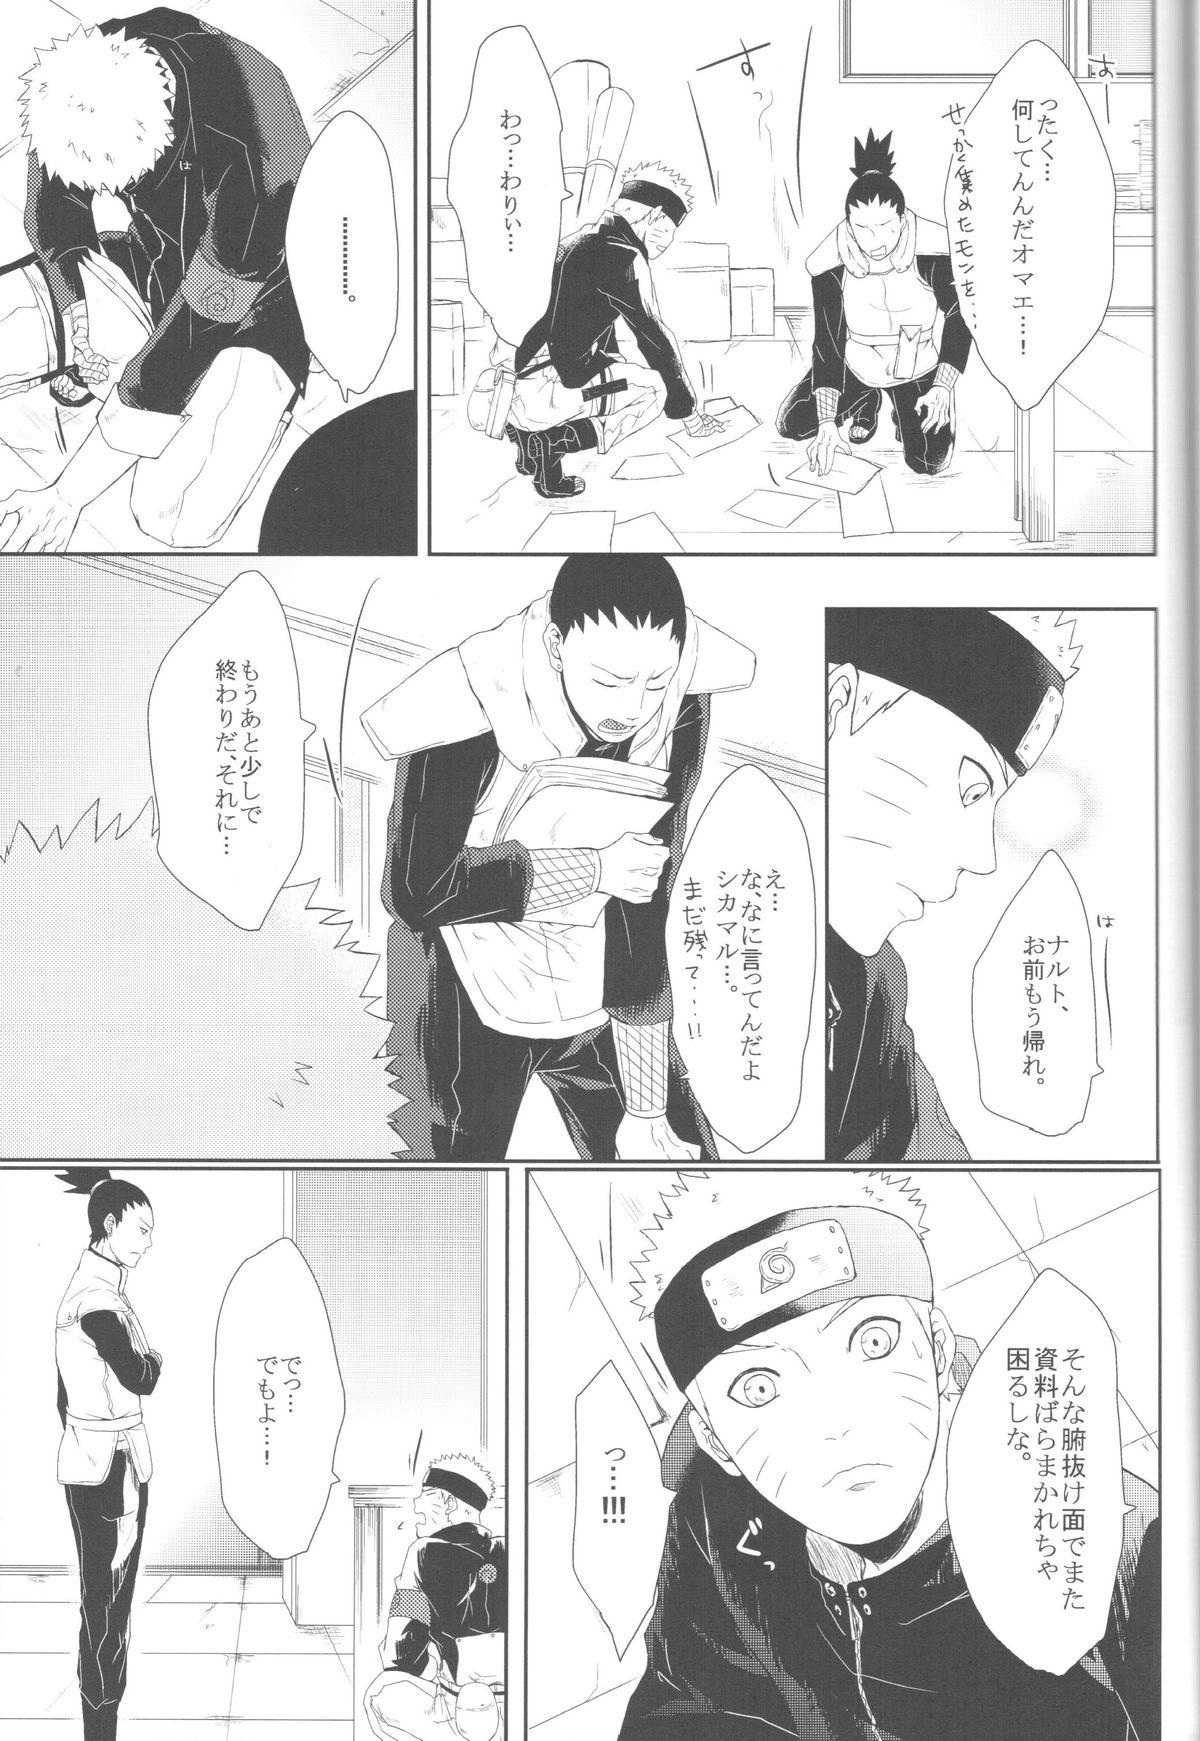 Watashi No Hajimete 31